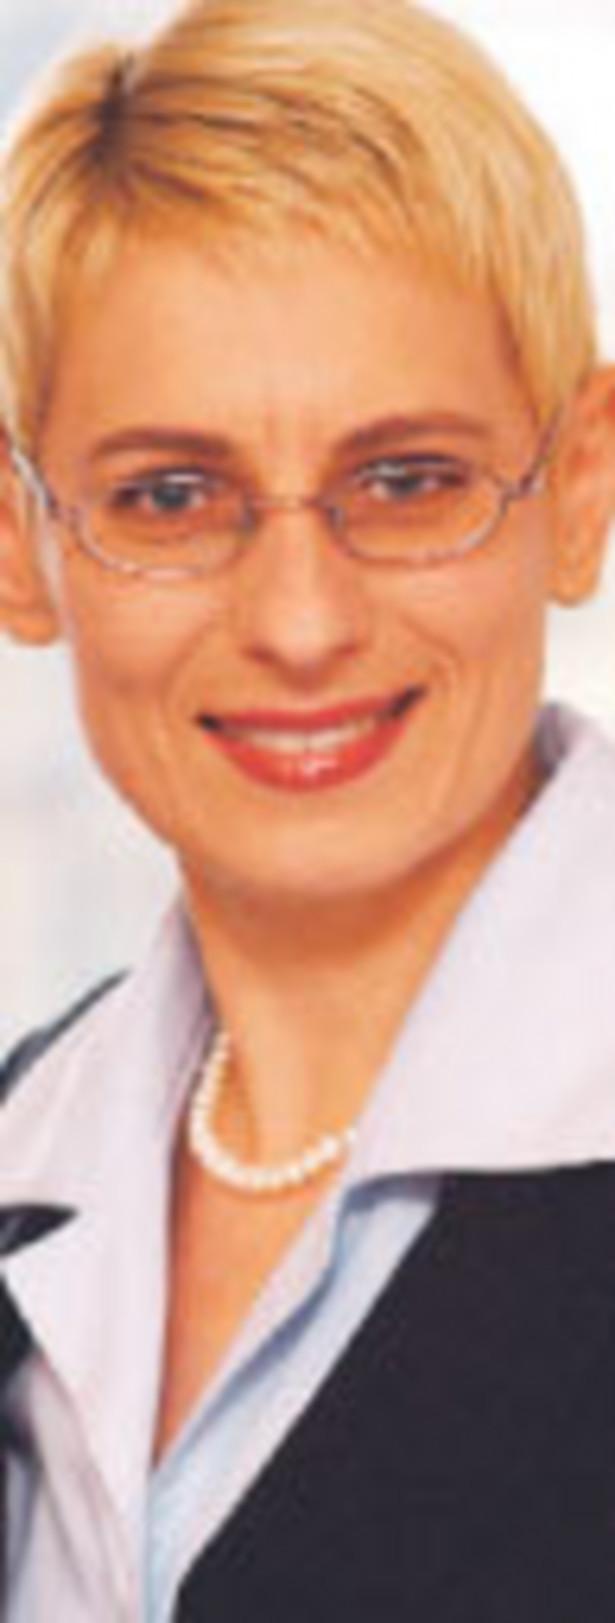 Agnieszka Fedor, adwokat, doradca w kancelarii WBK Wierciński, Kwieciński, Baehr